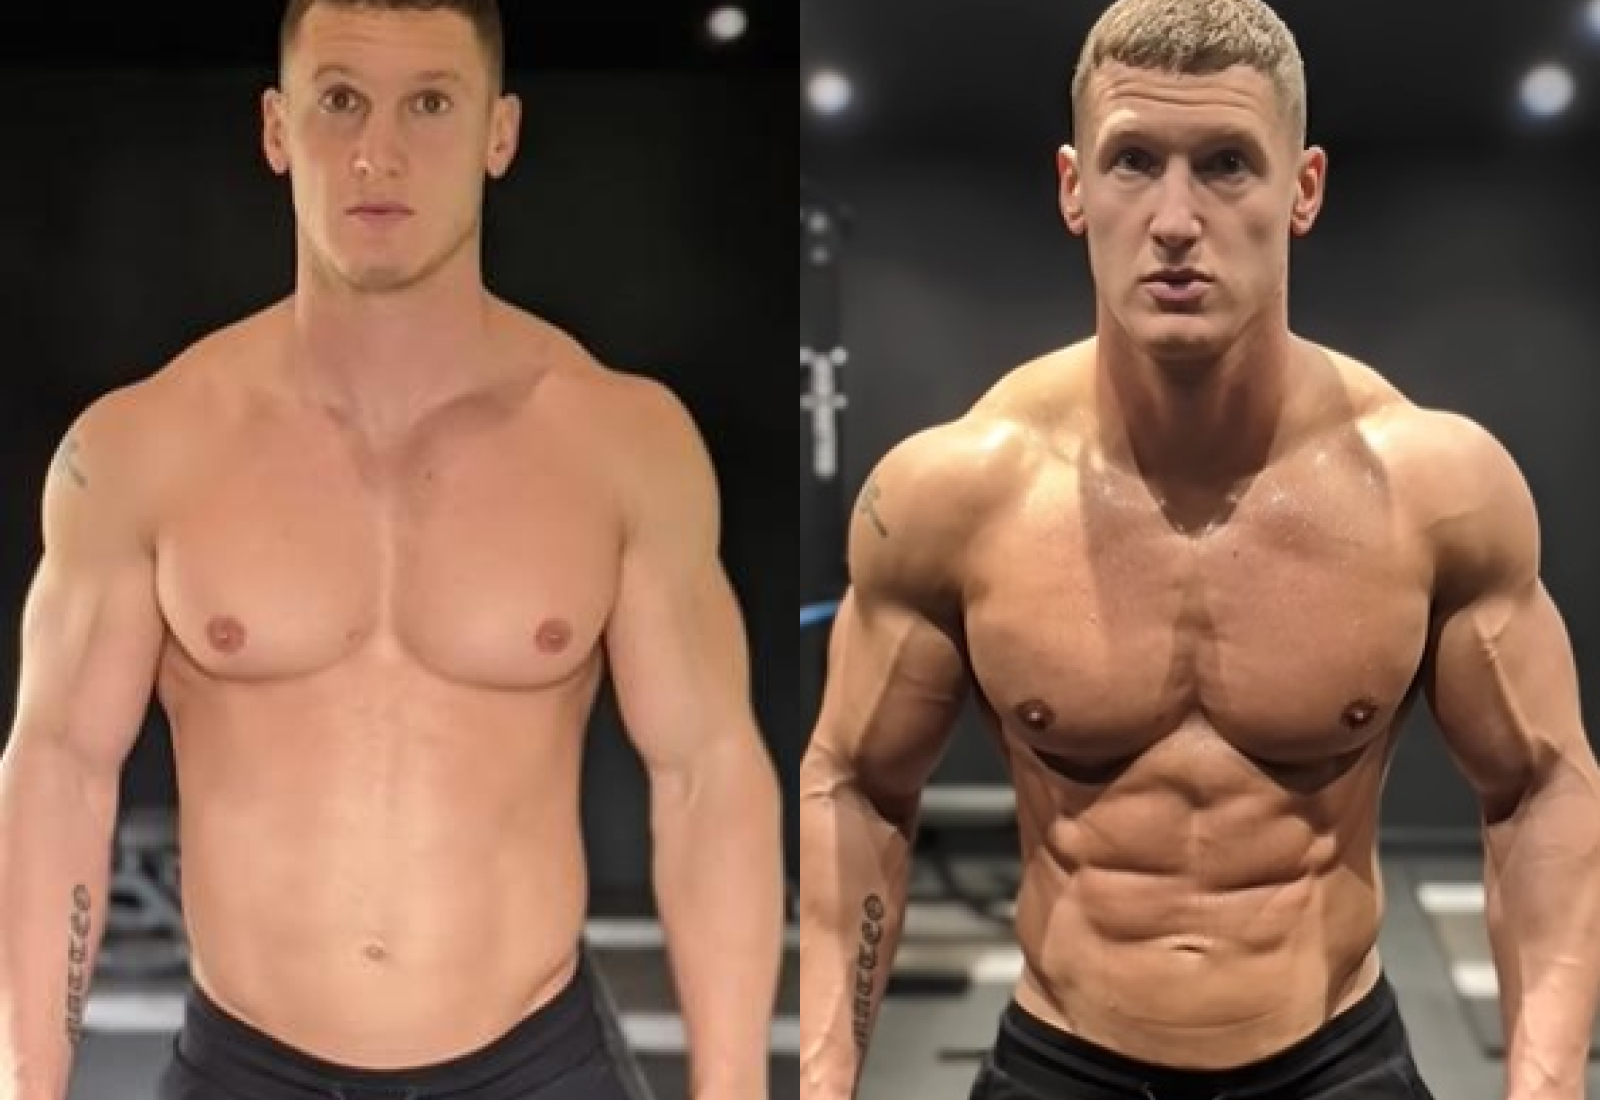 Бодибилдер показал, как сделать своё тело рельефным всего за 10 минут: фото до и после